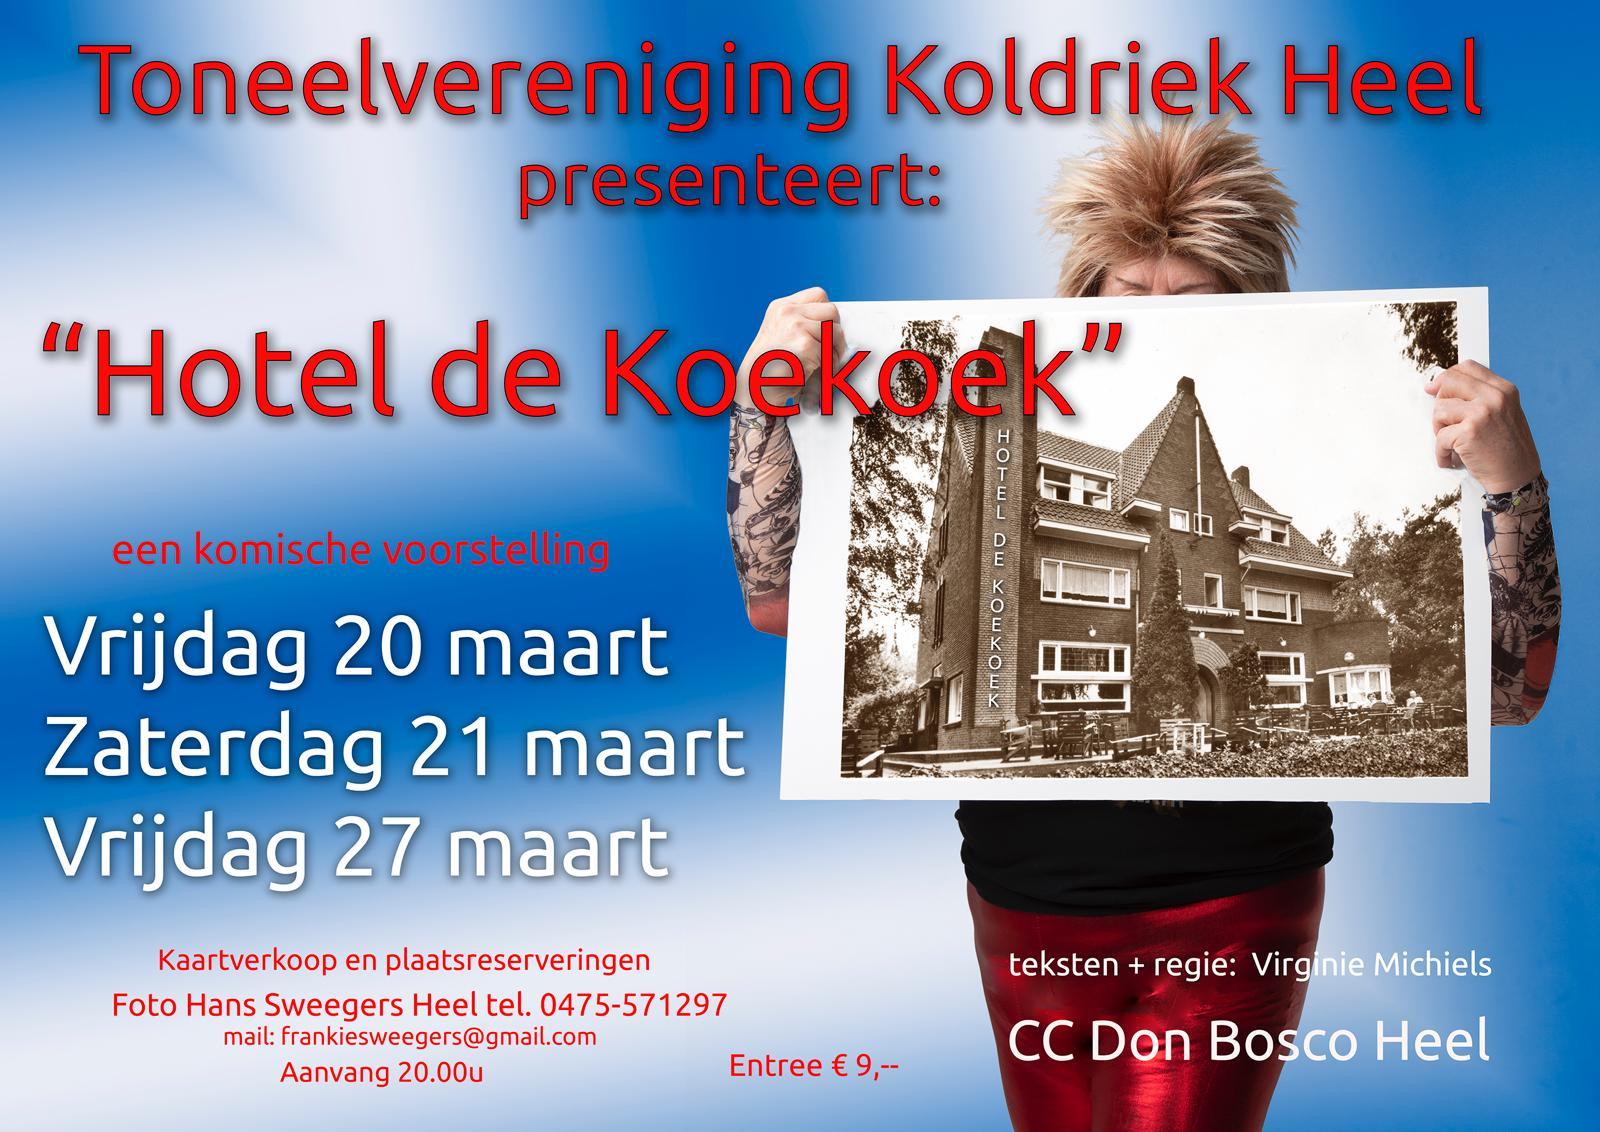 hotel-de-koekoek-affiche